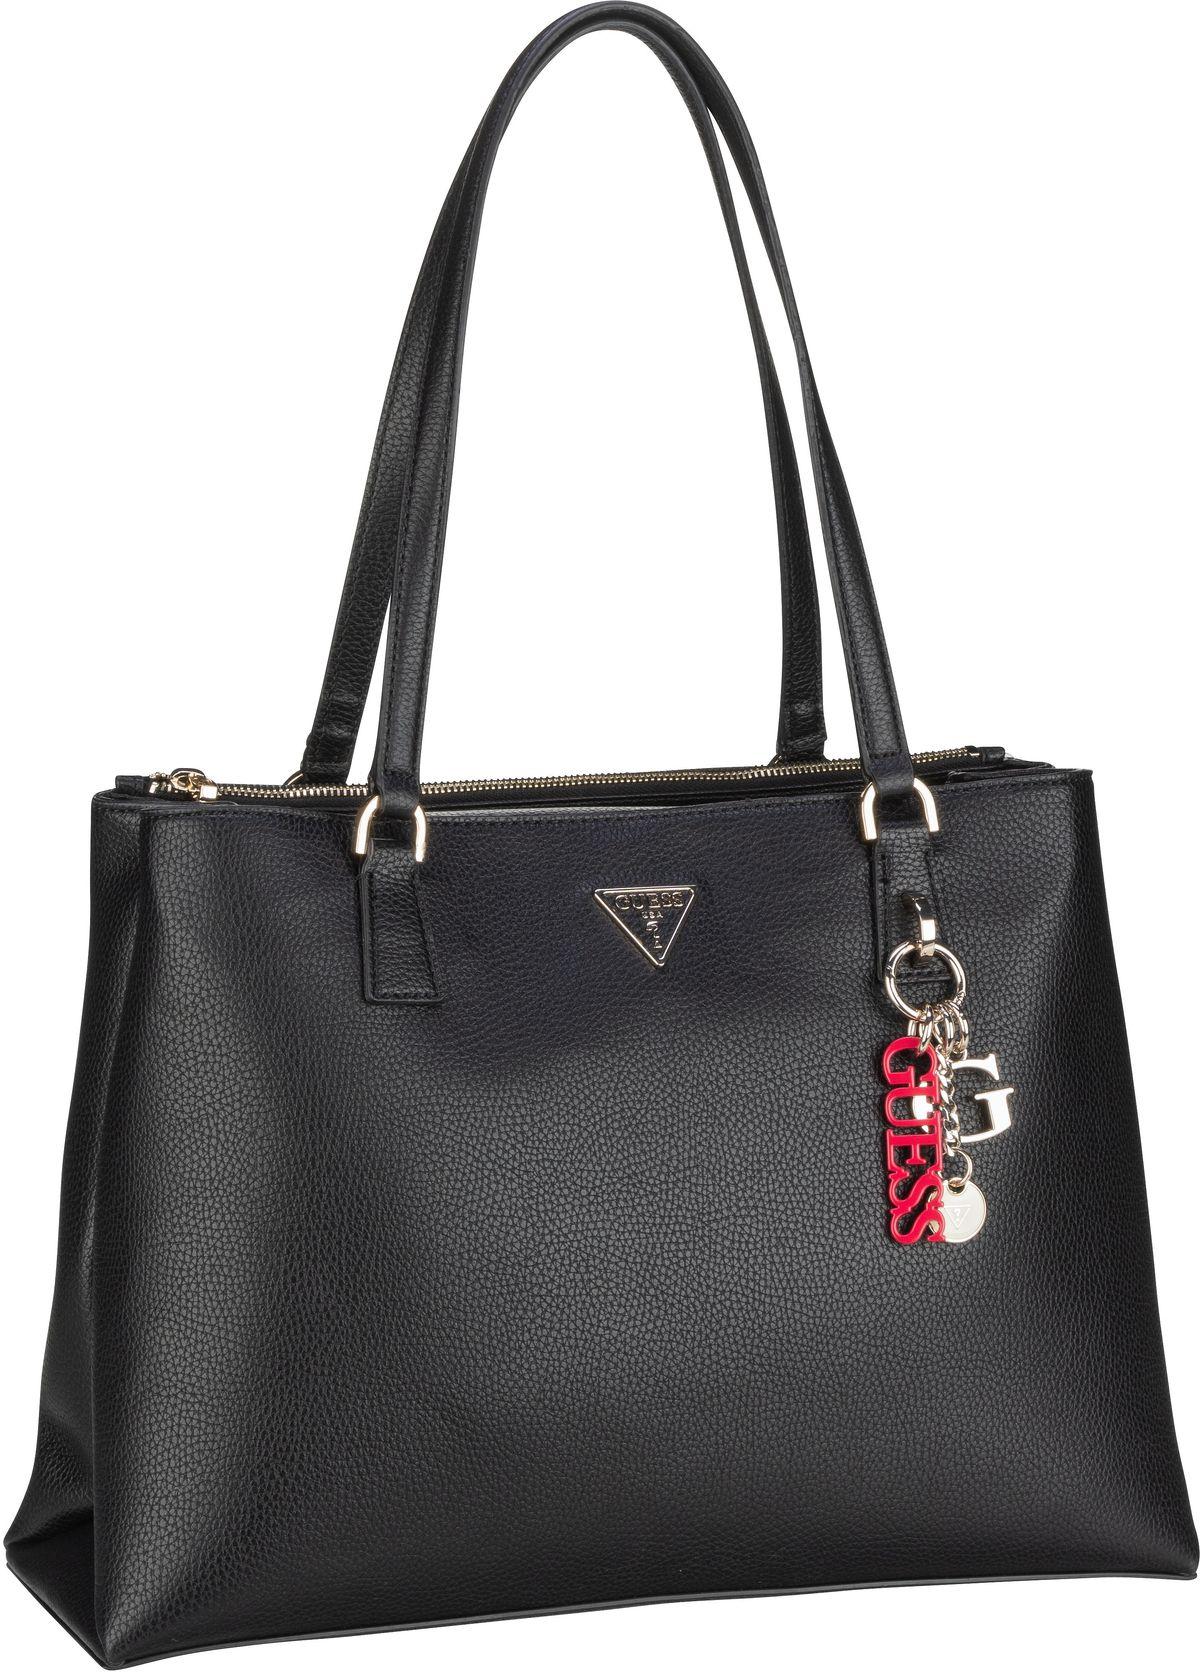 Handtasche Becca Luxury Satchel Black